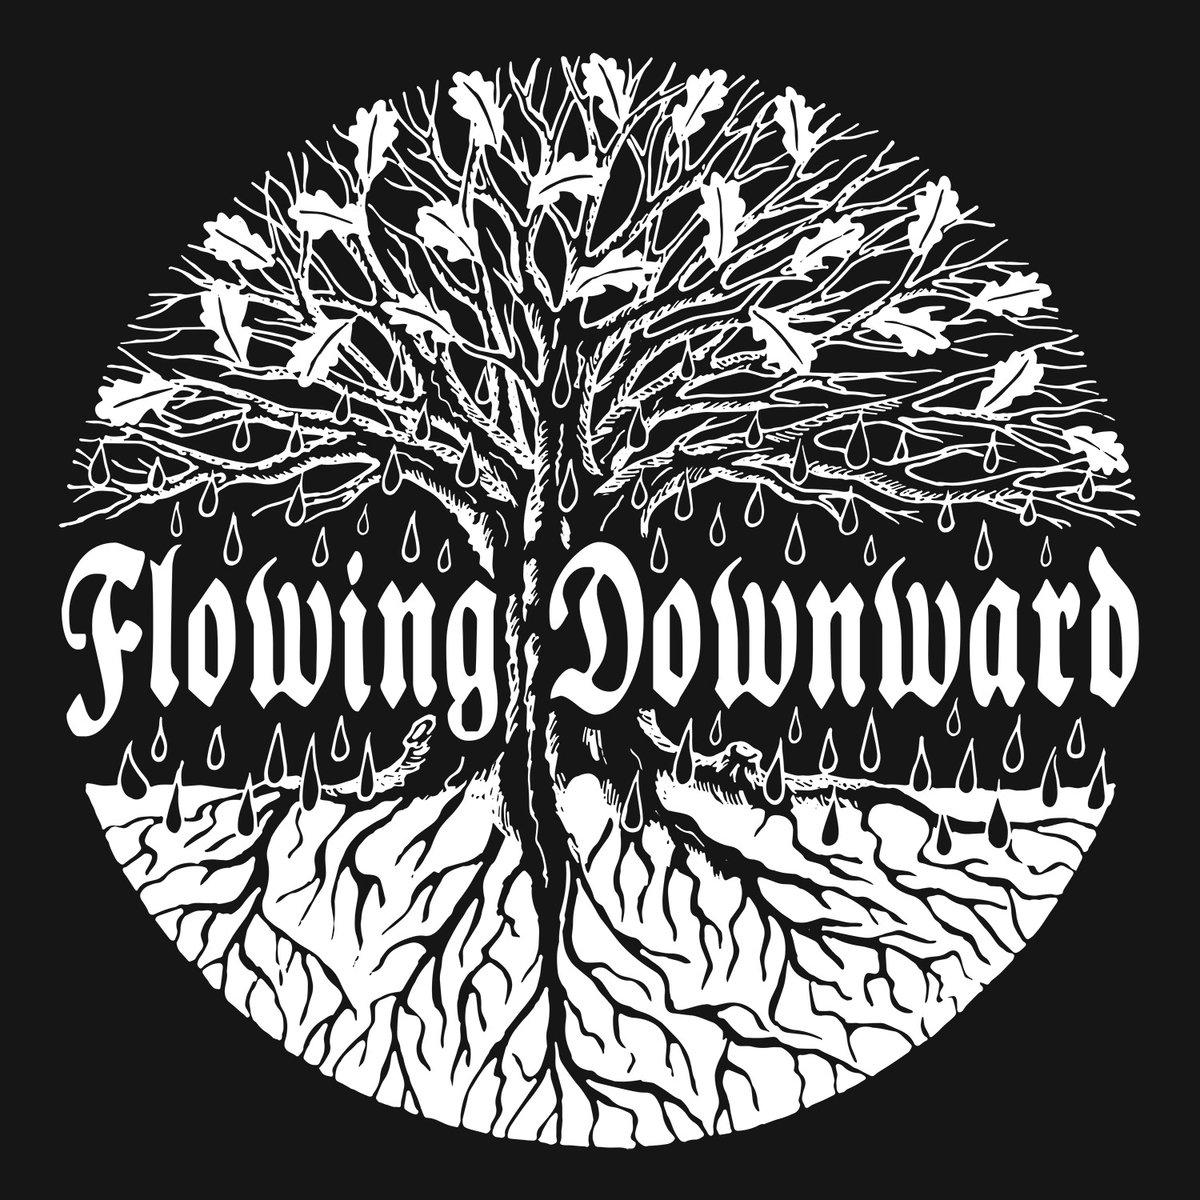 Avantgarde Music / Flowing Downward